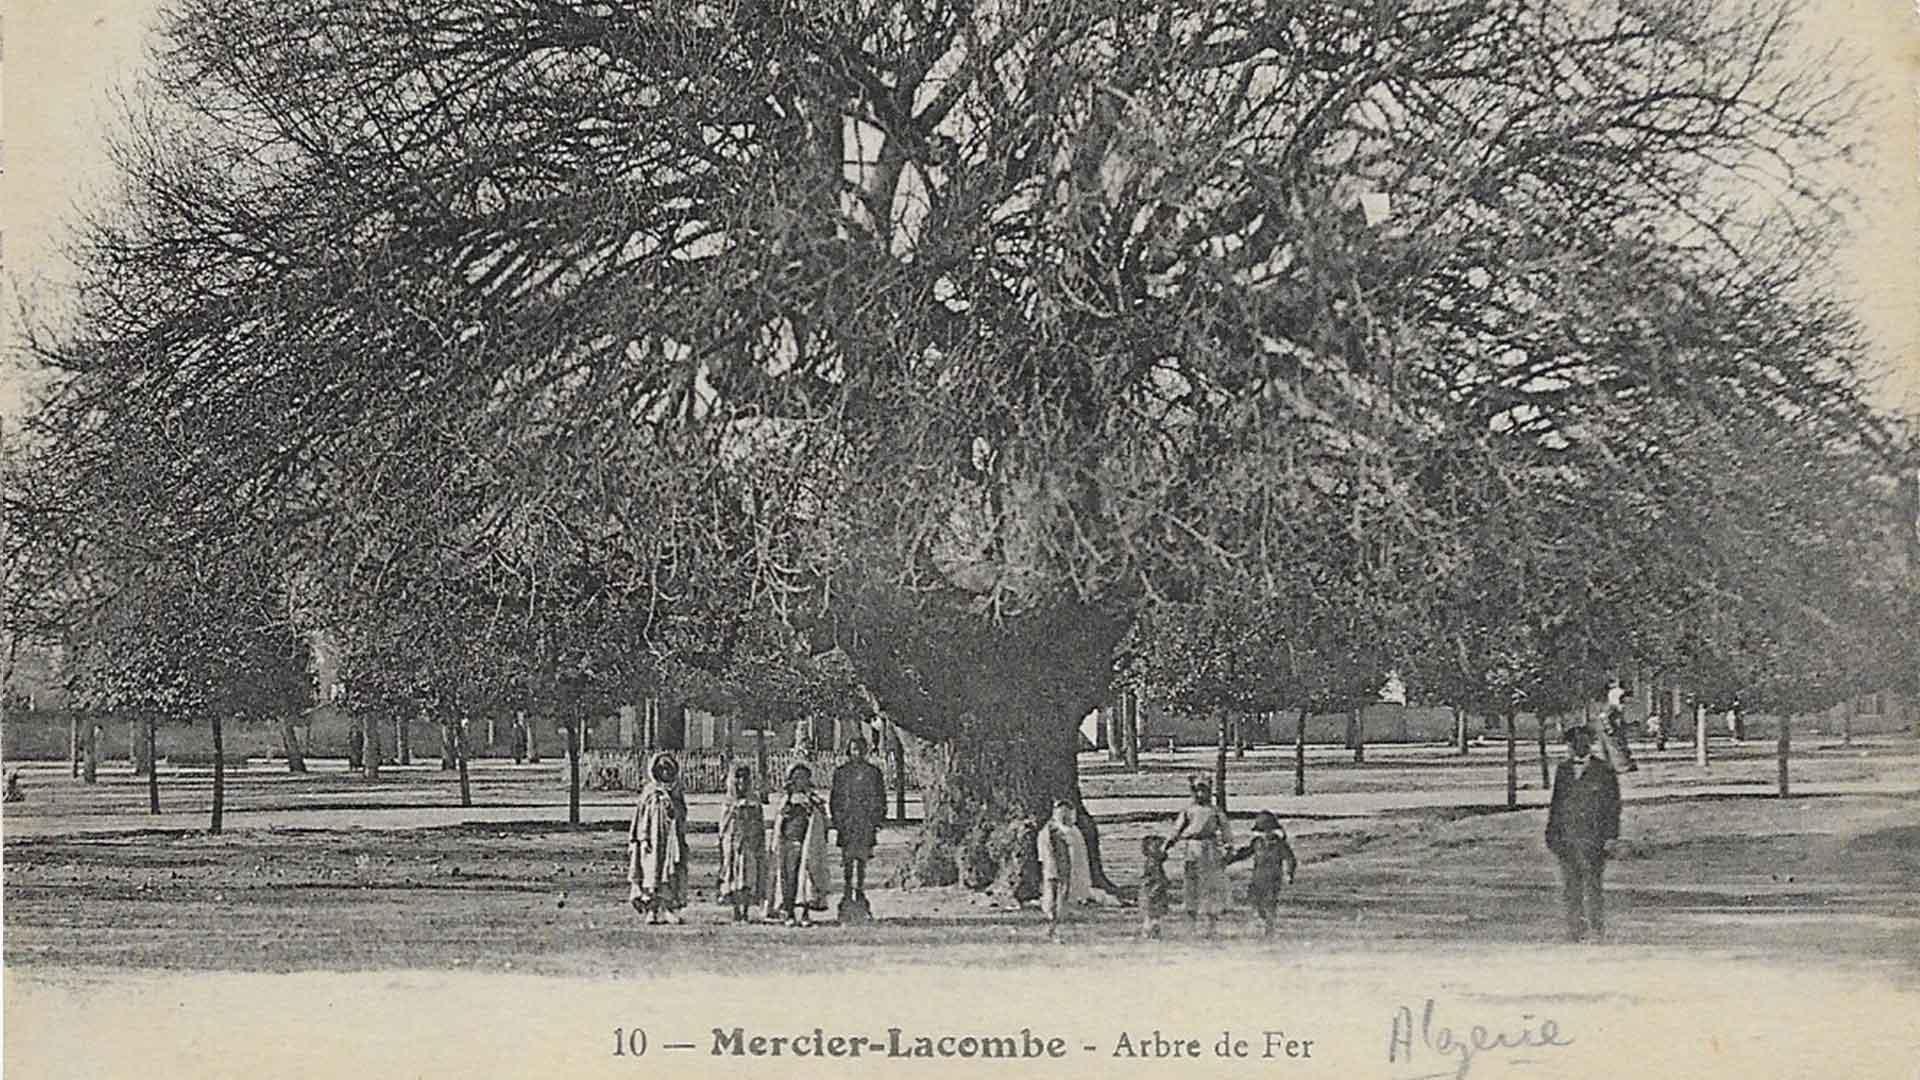 Mercier-Lacombe-Arbre-de-Fer